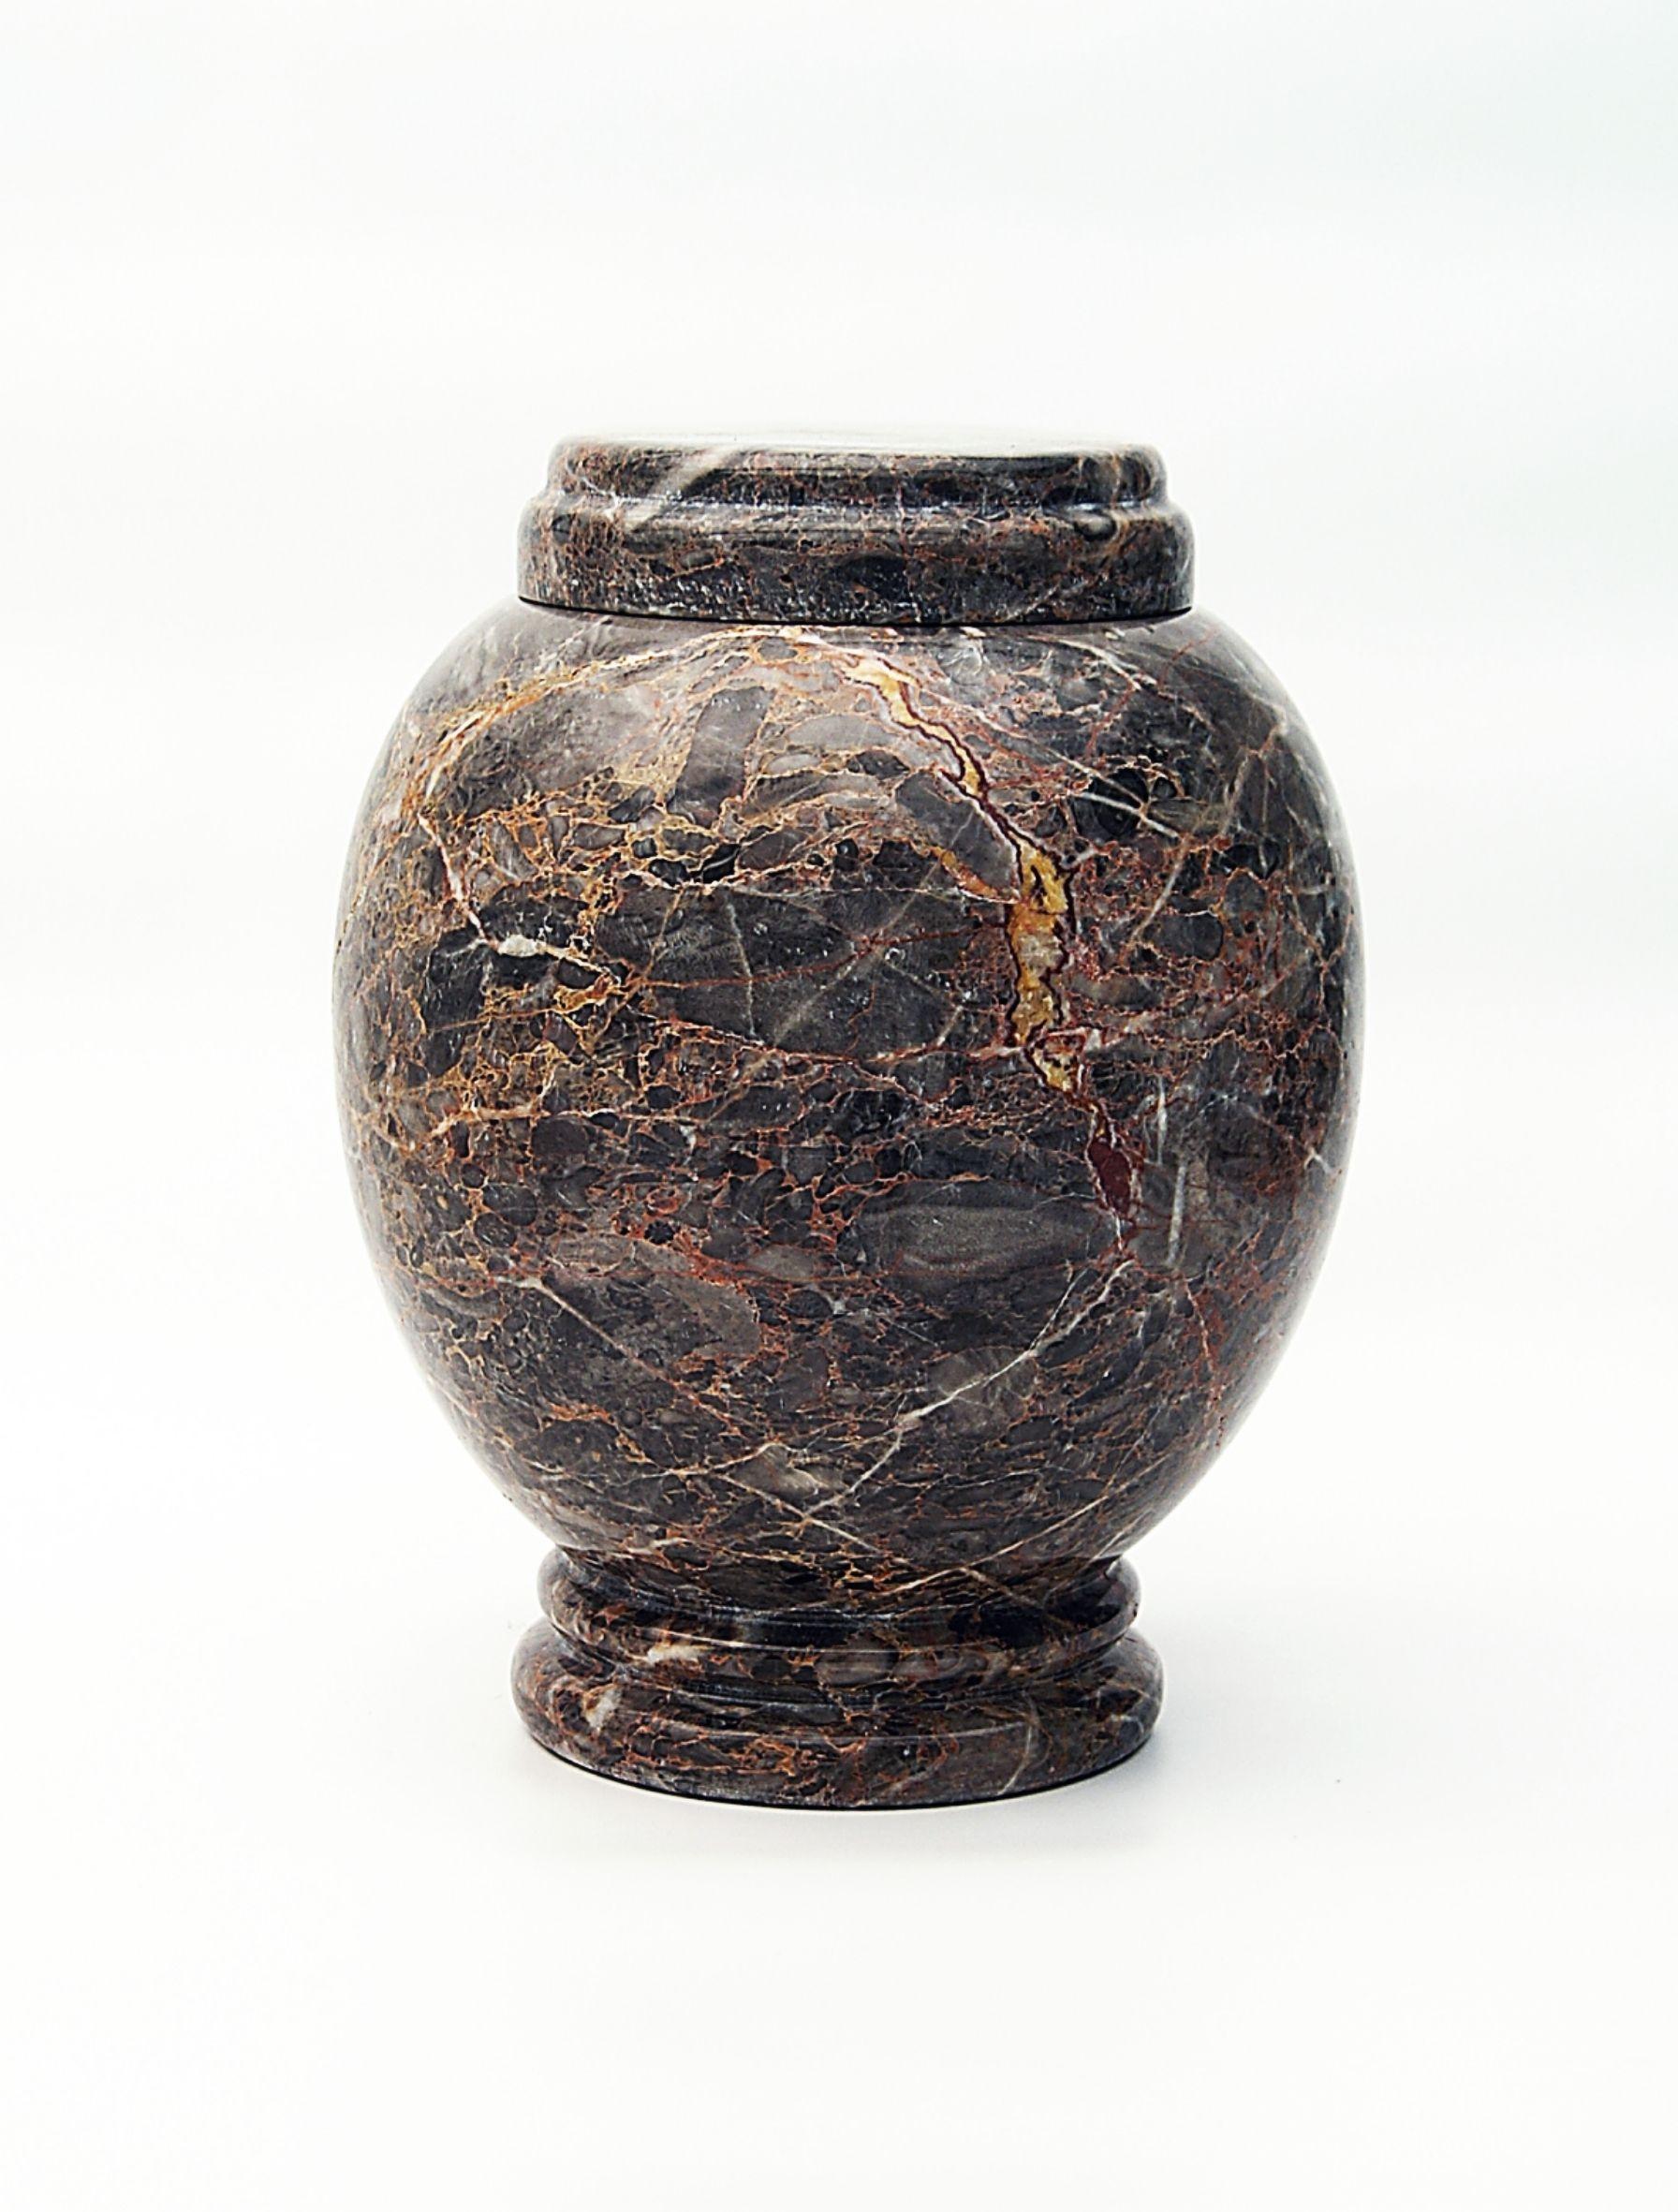 SU 8986 Decor, Home decor, Vase